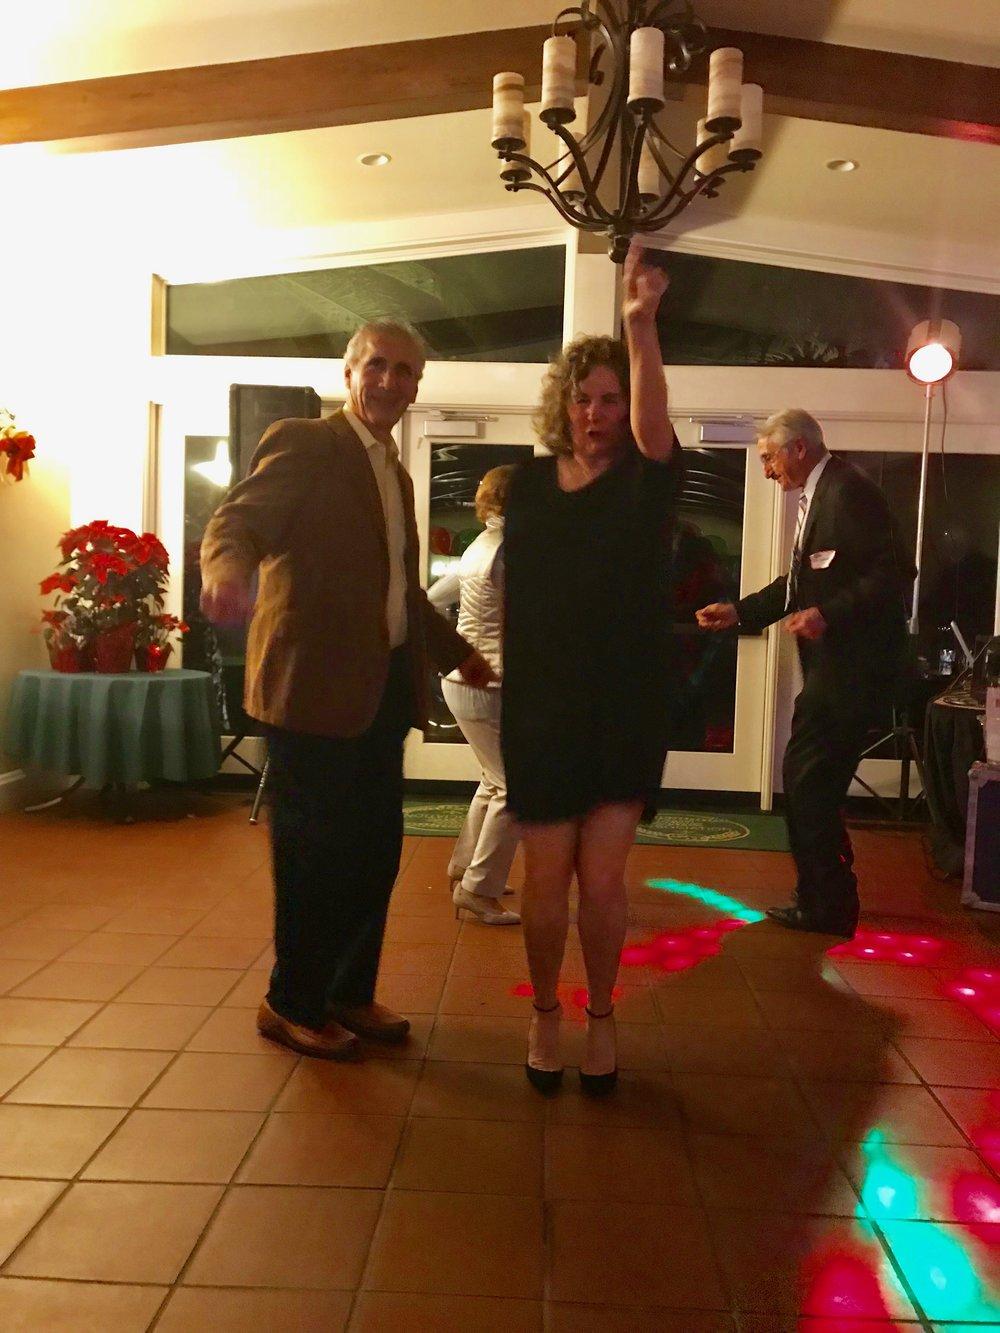 Marleen & Me Dancing.jpg